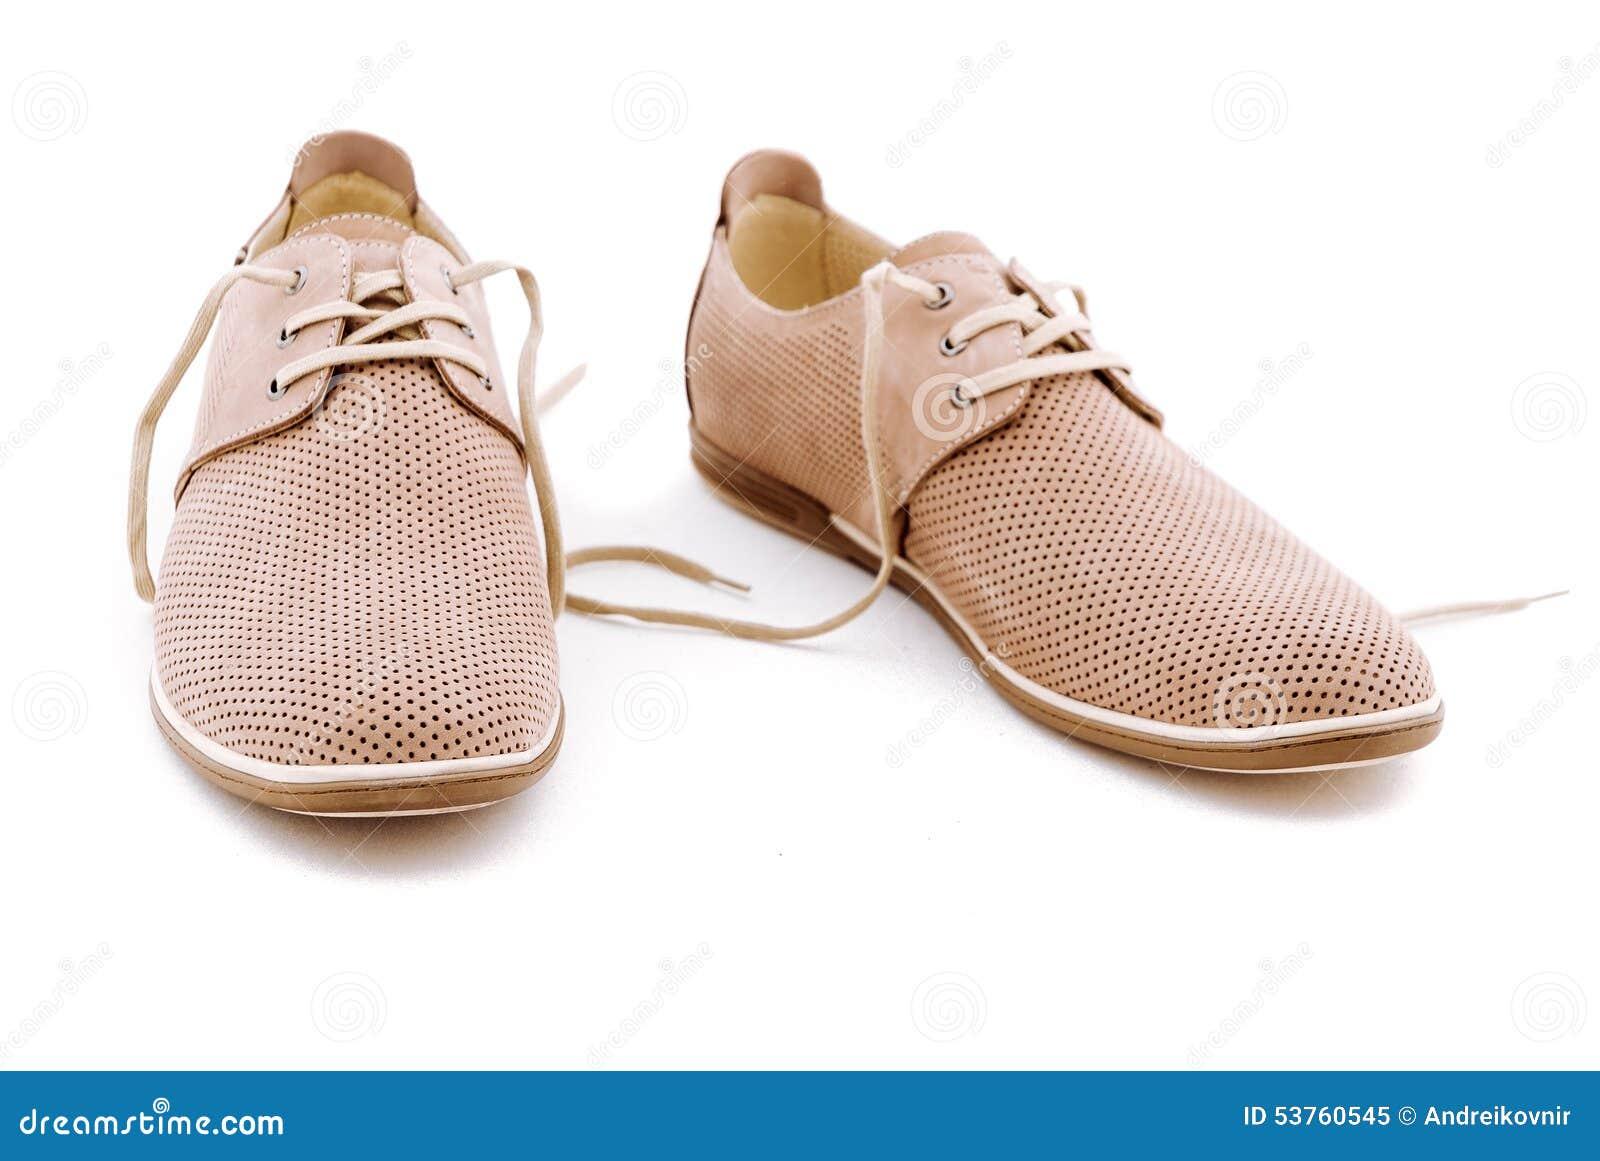 Chaussures Hommes Beige 9ADt2Zv